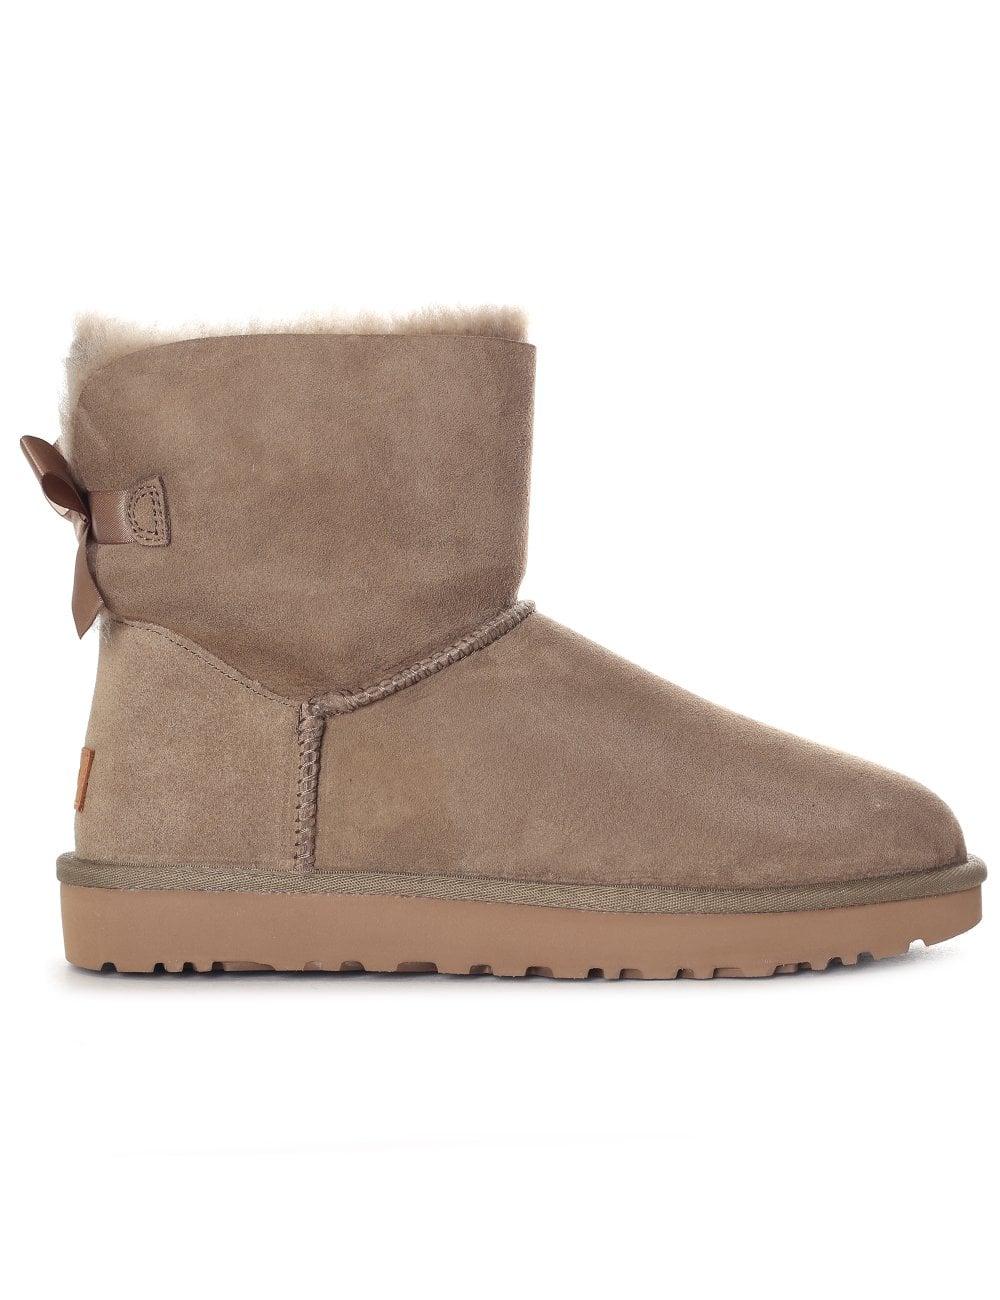 00c6ce34e56 Women's Mini Bailey Bow ll Boot